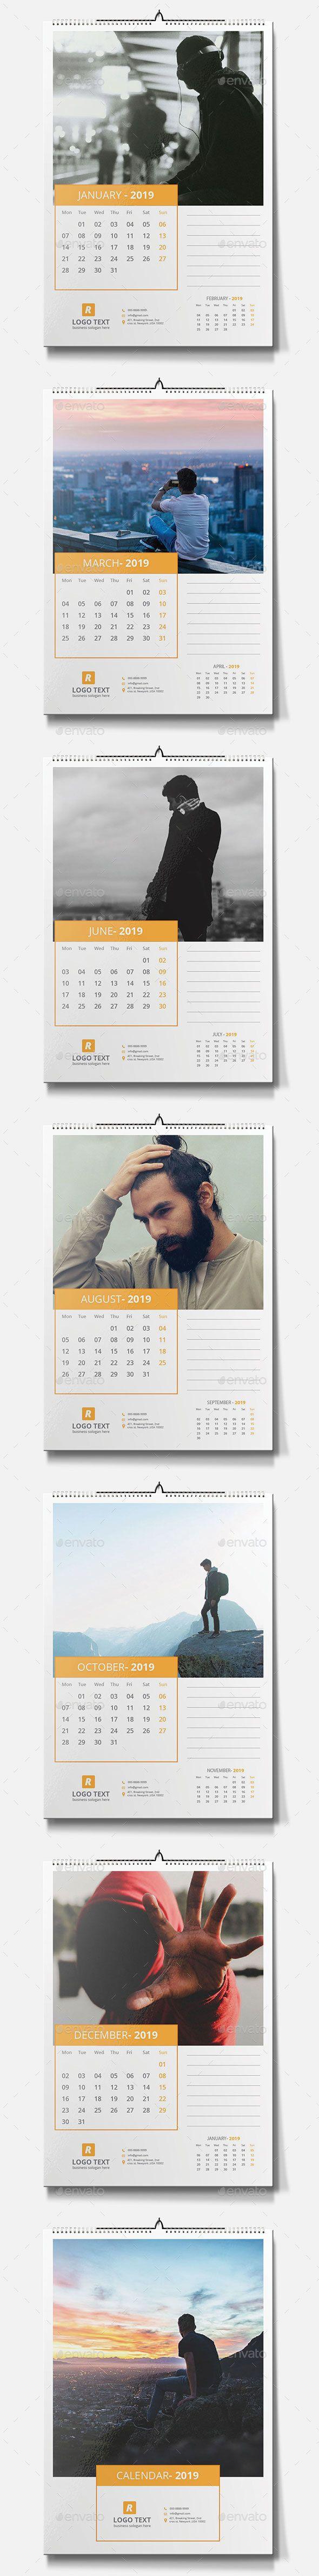 Wall Calendar 2019 Design Template Vector Eps Ai Illustrator 12